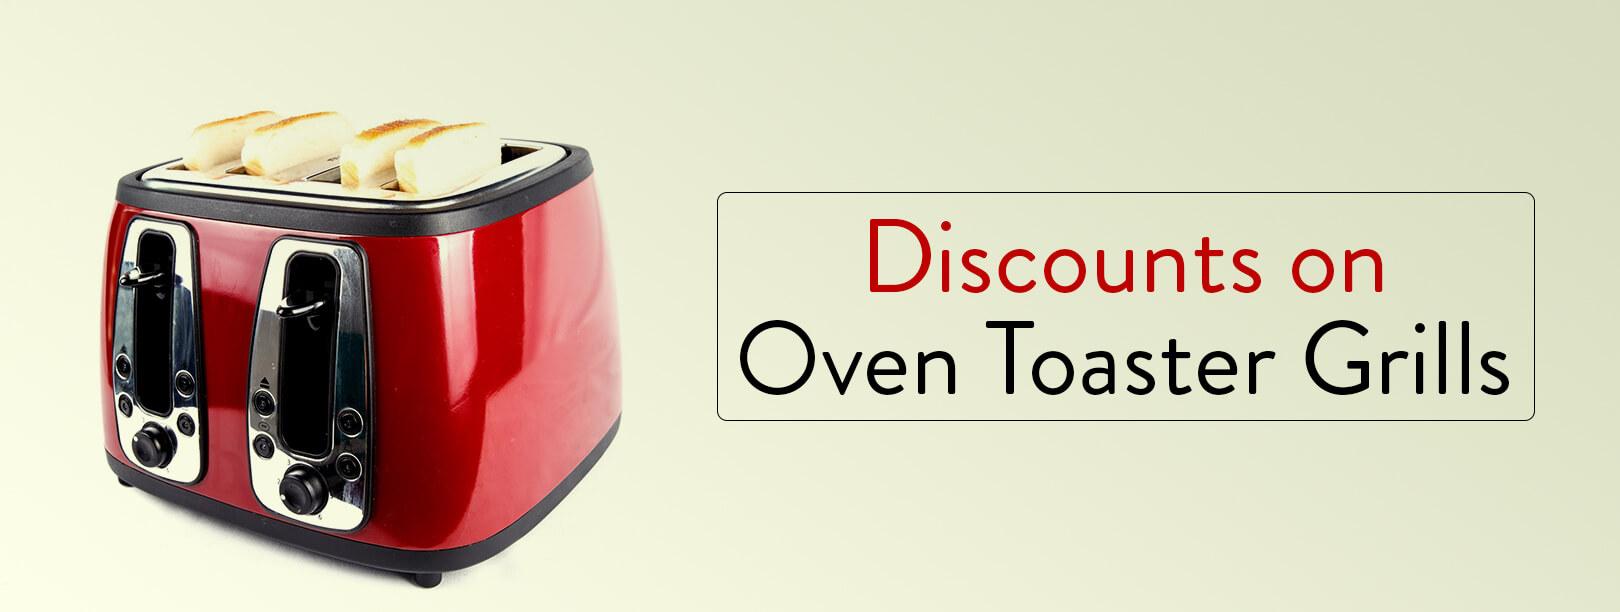 Amazon Oven Toaster Grills